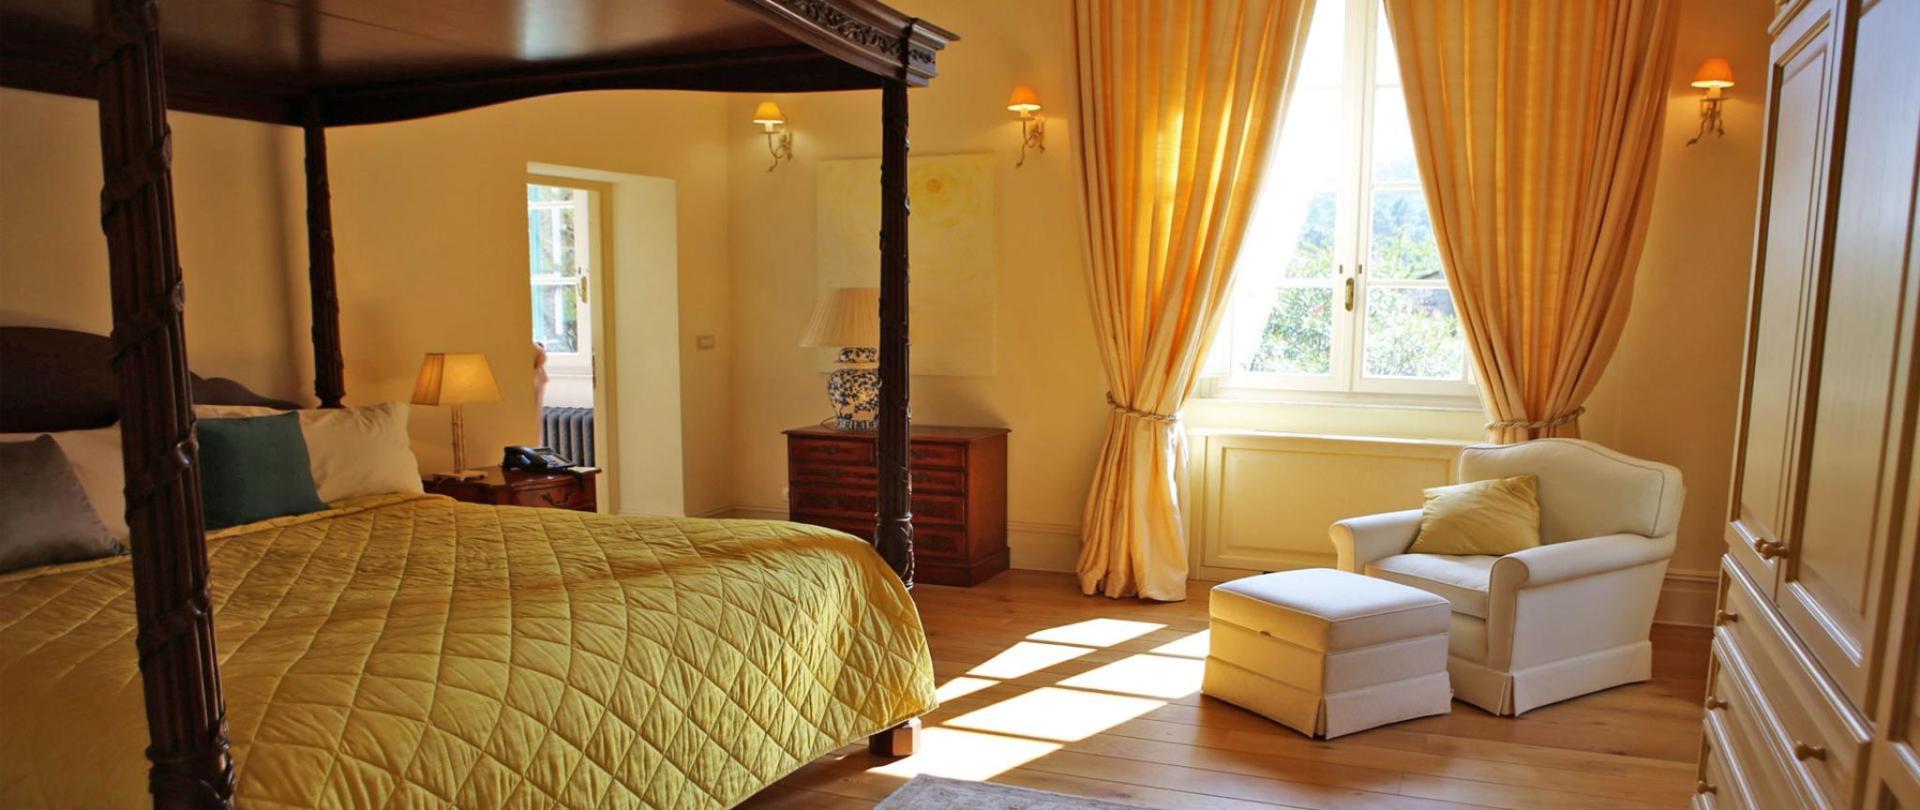 villa_casanova_lucca.jpg